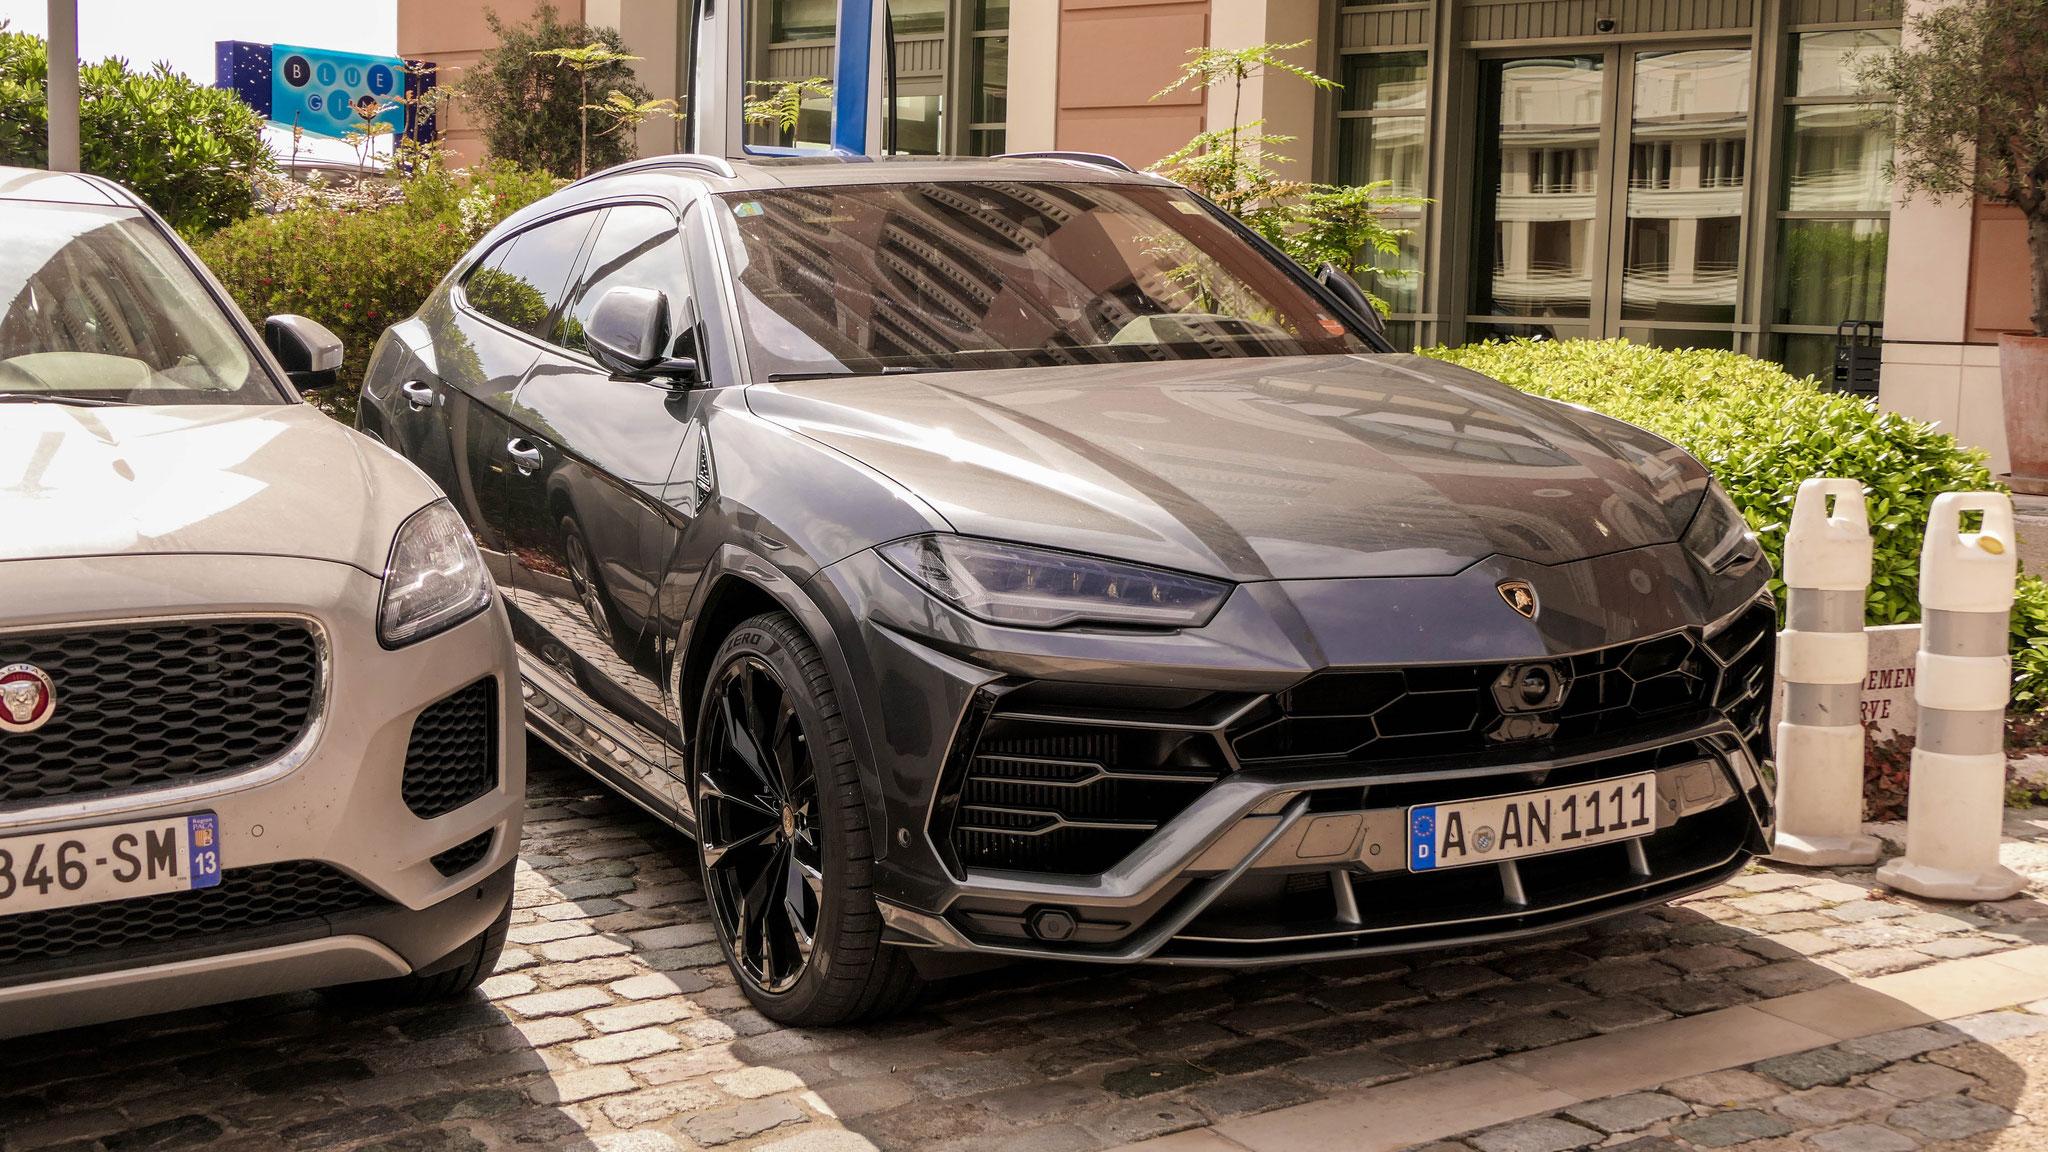 Lamborghini Urus - A-AN-1111